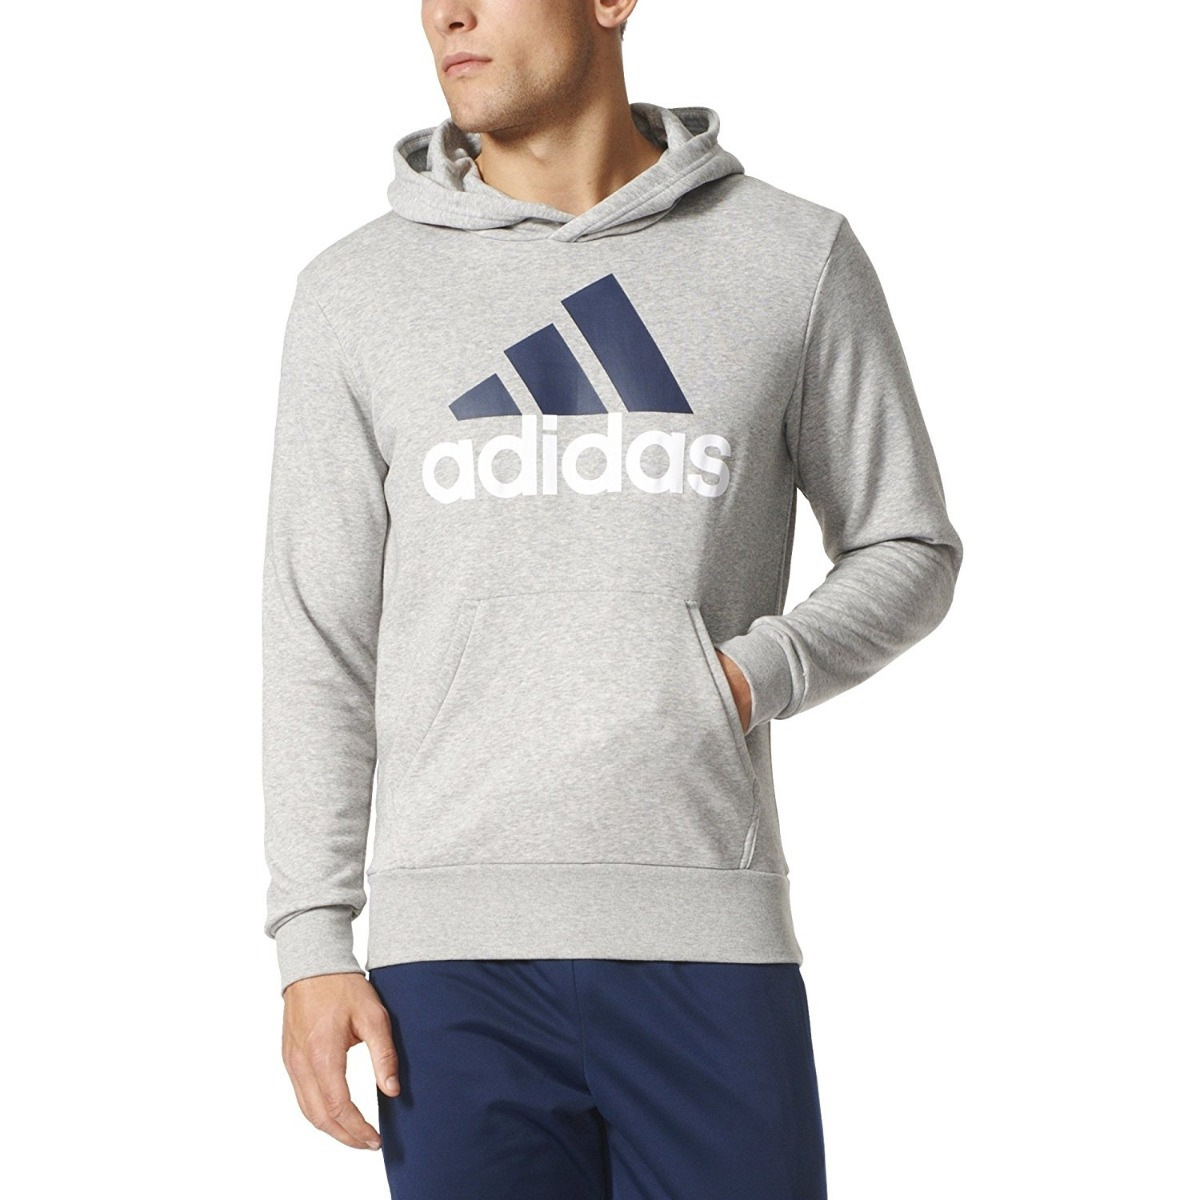 Over En Linear 2 00 Grey Adidas Sudadera Pull L Essential Us 139 IwPZqH